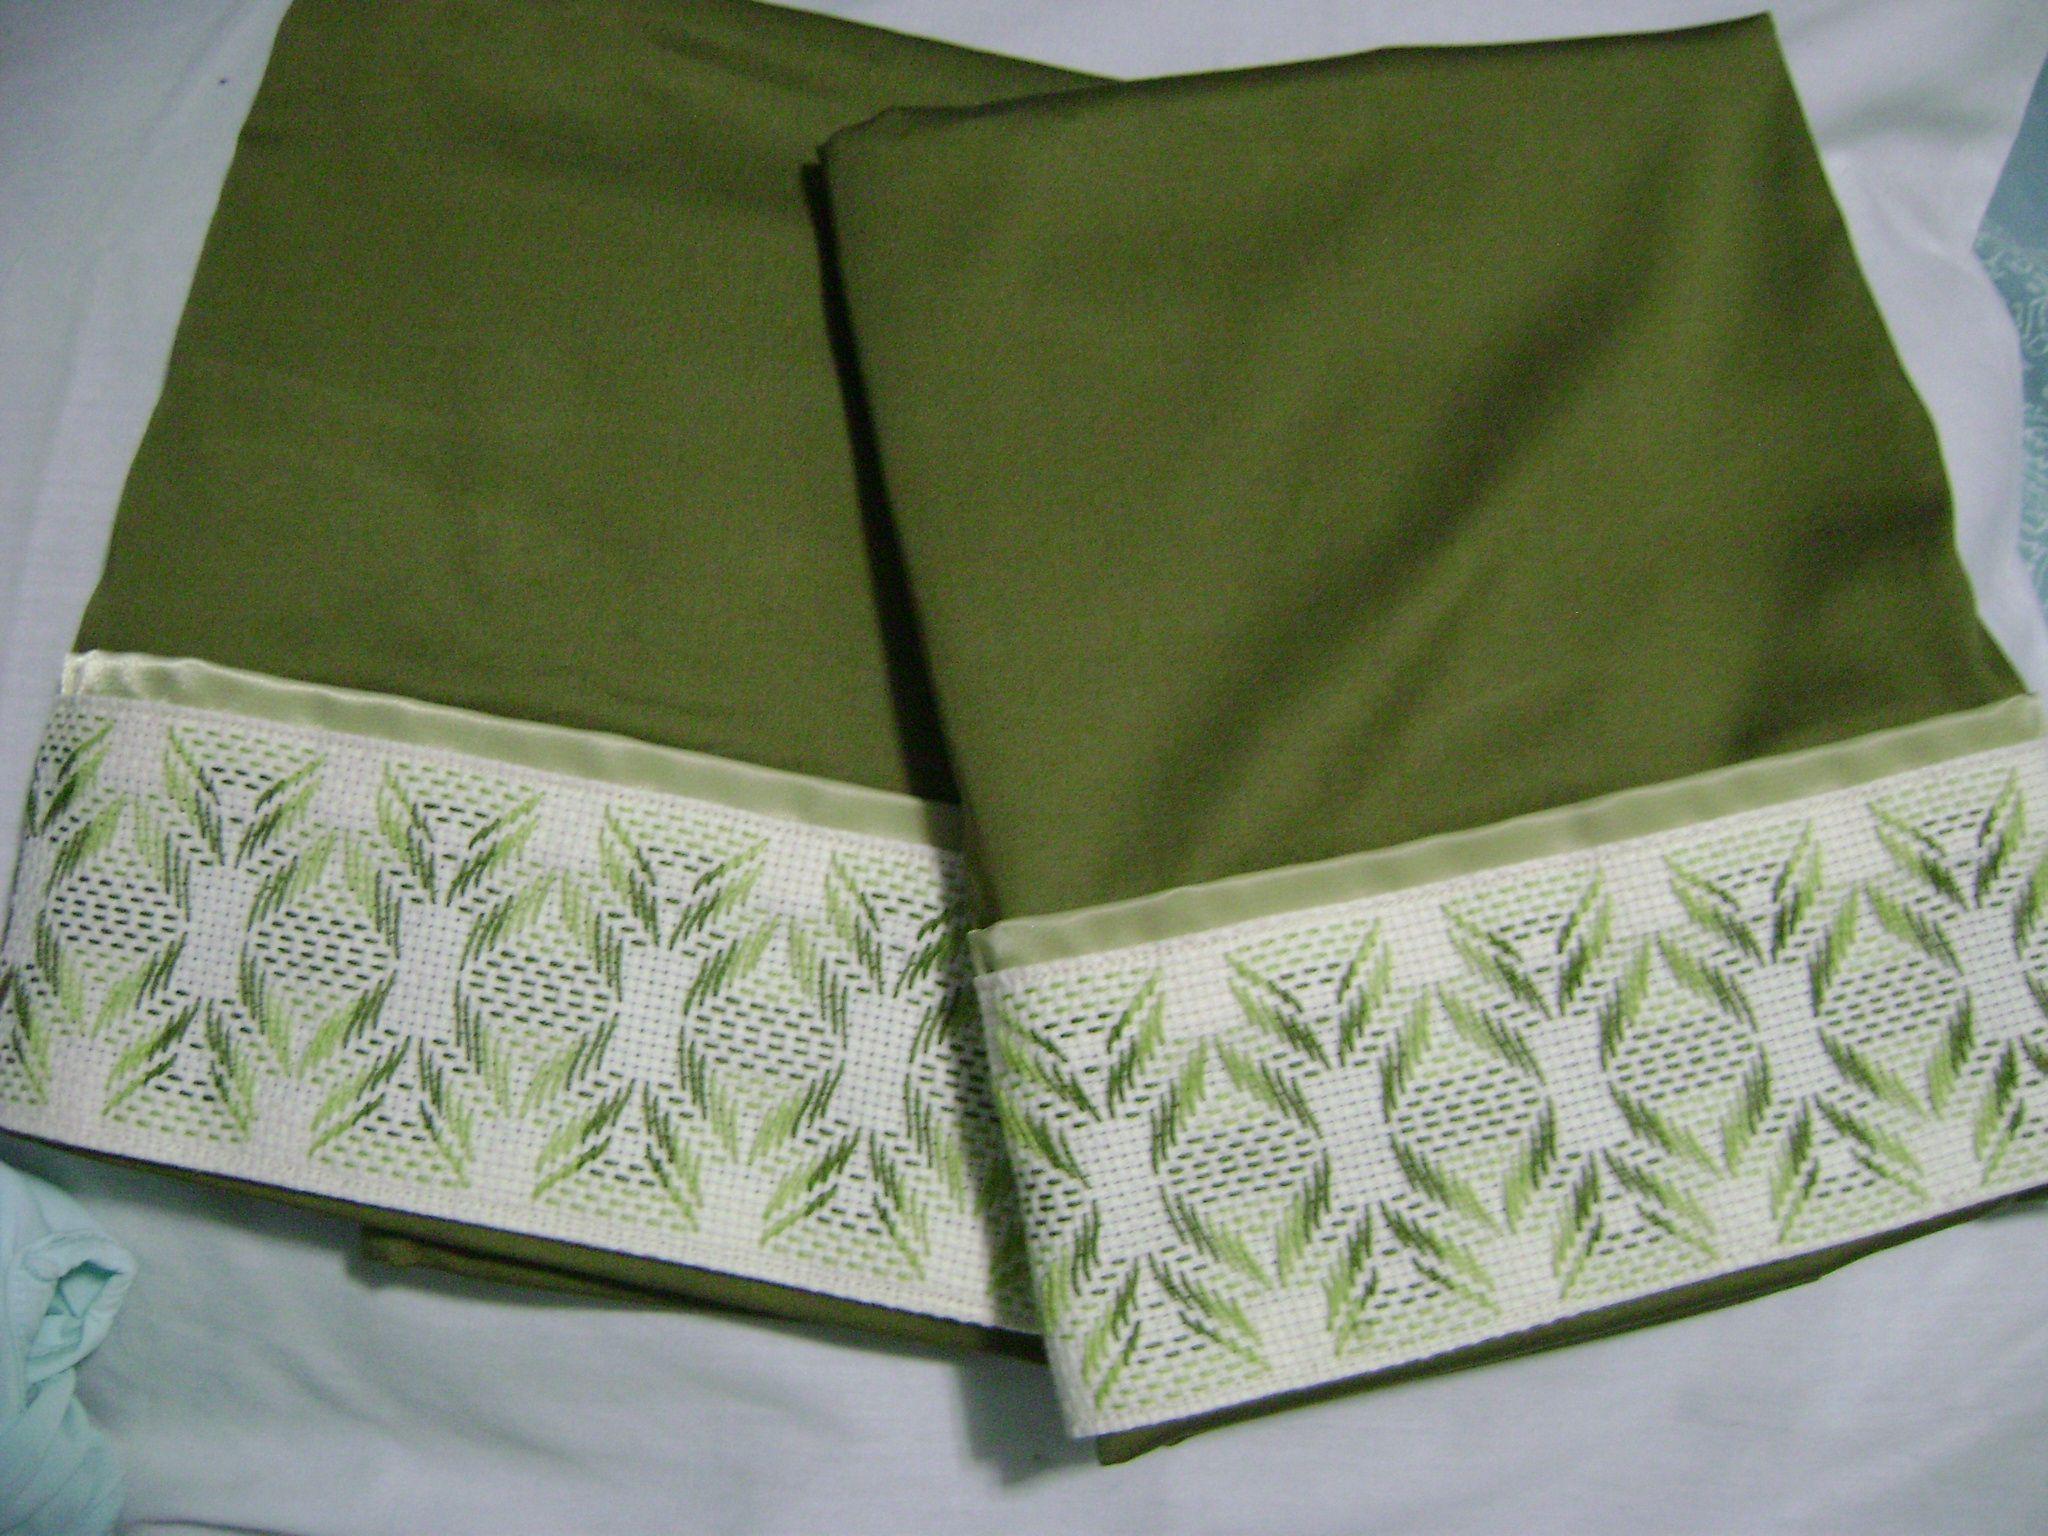 Funda de Almohada s/ólida,///45 cm * 45 cm Suave con Pompones Verde Claro decoraci/ón de la habitaci/ón de los ni/ños MZW Funda de coj/ín de Punto Vintage